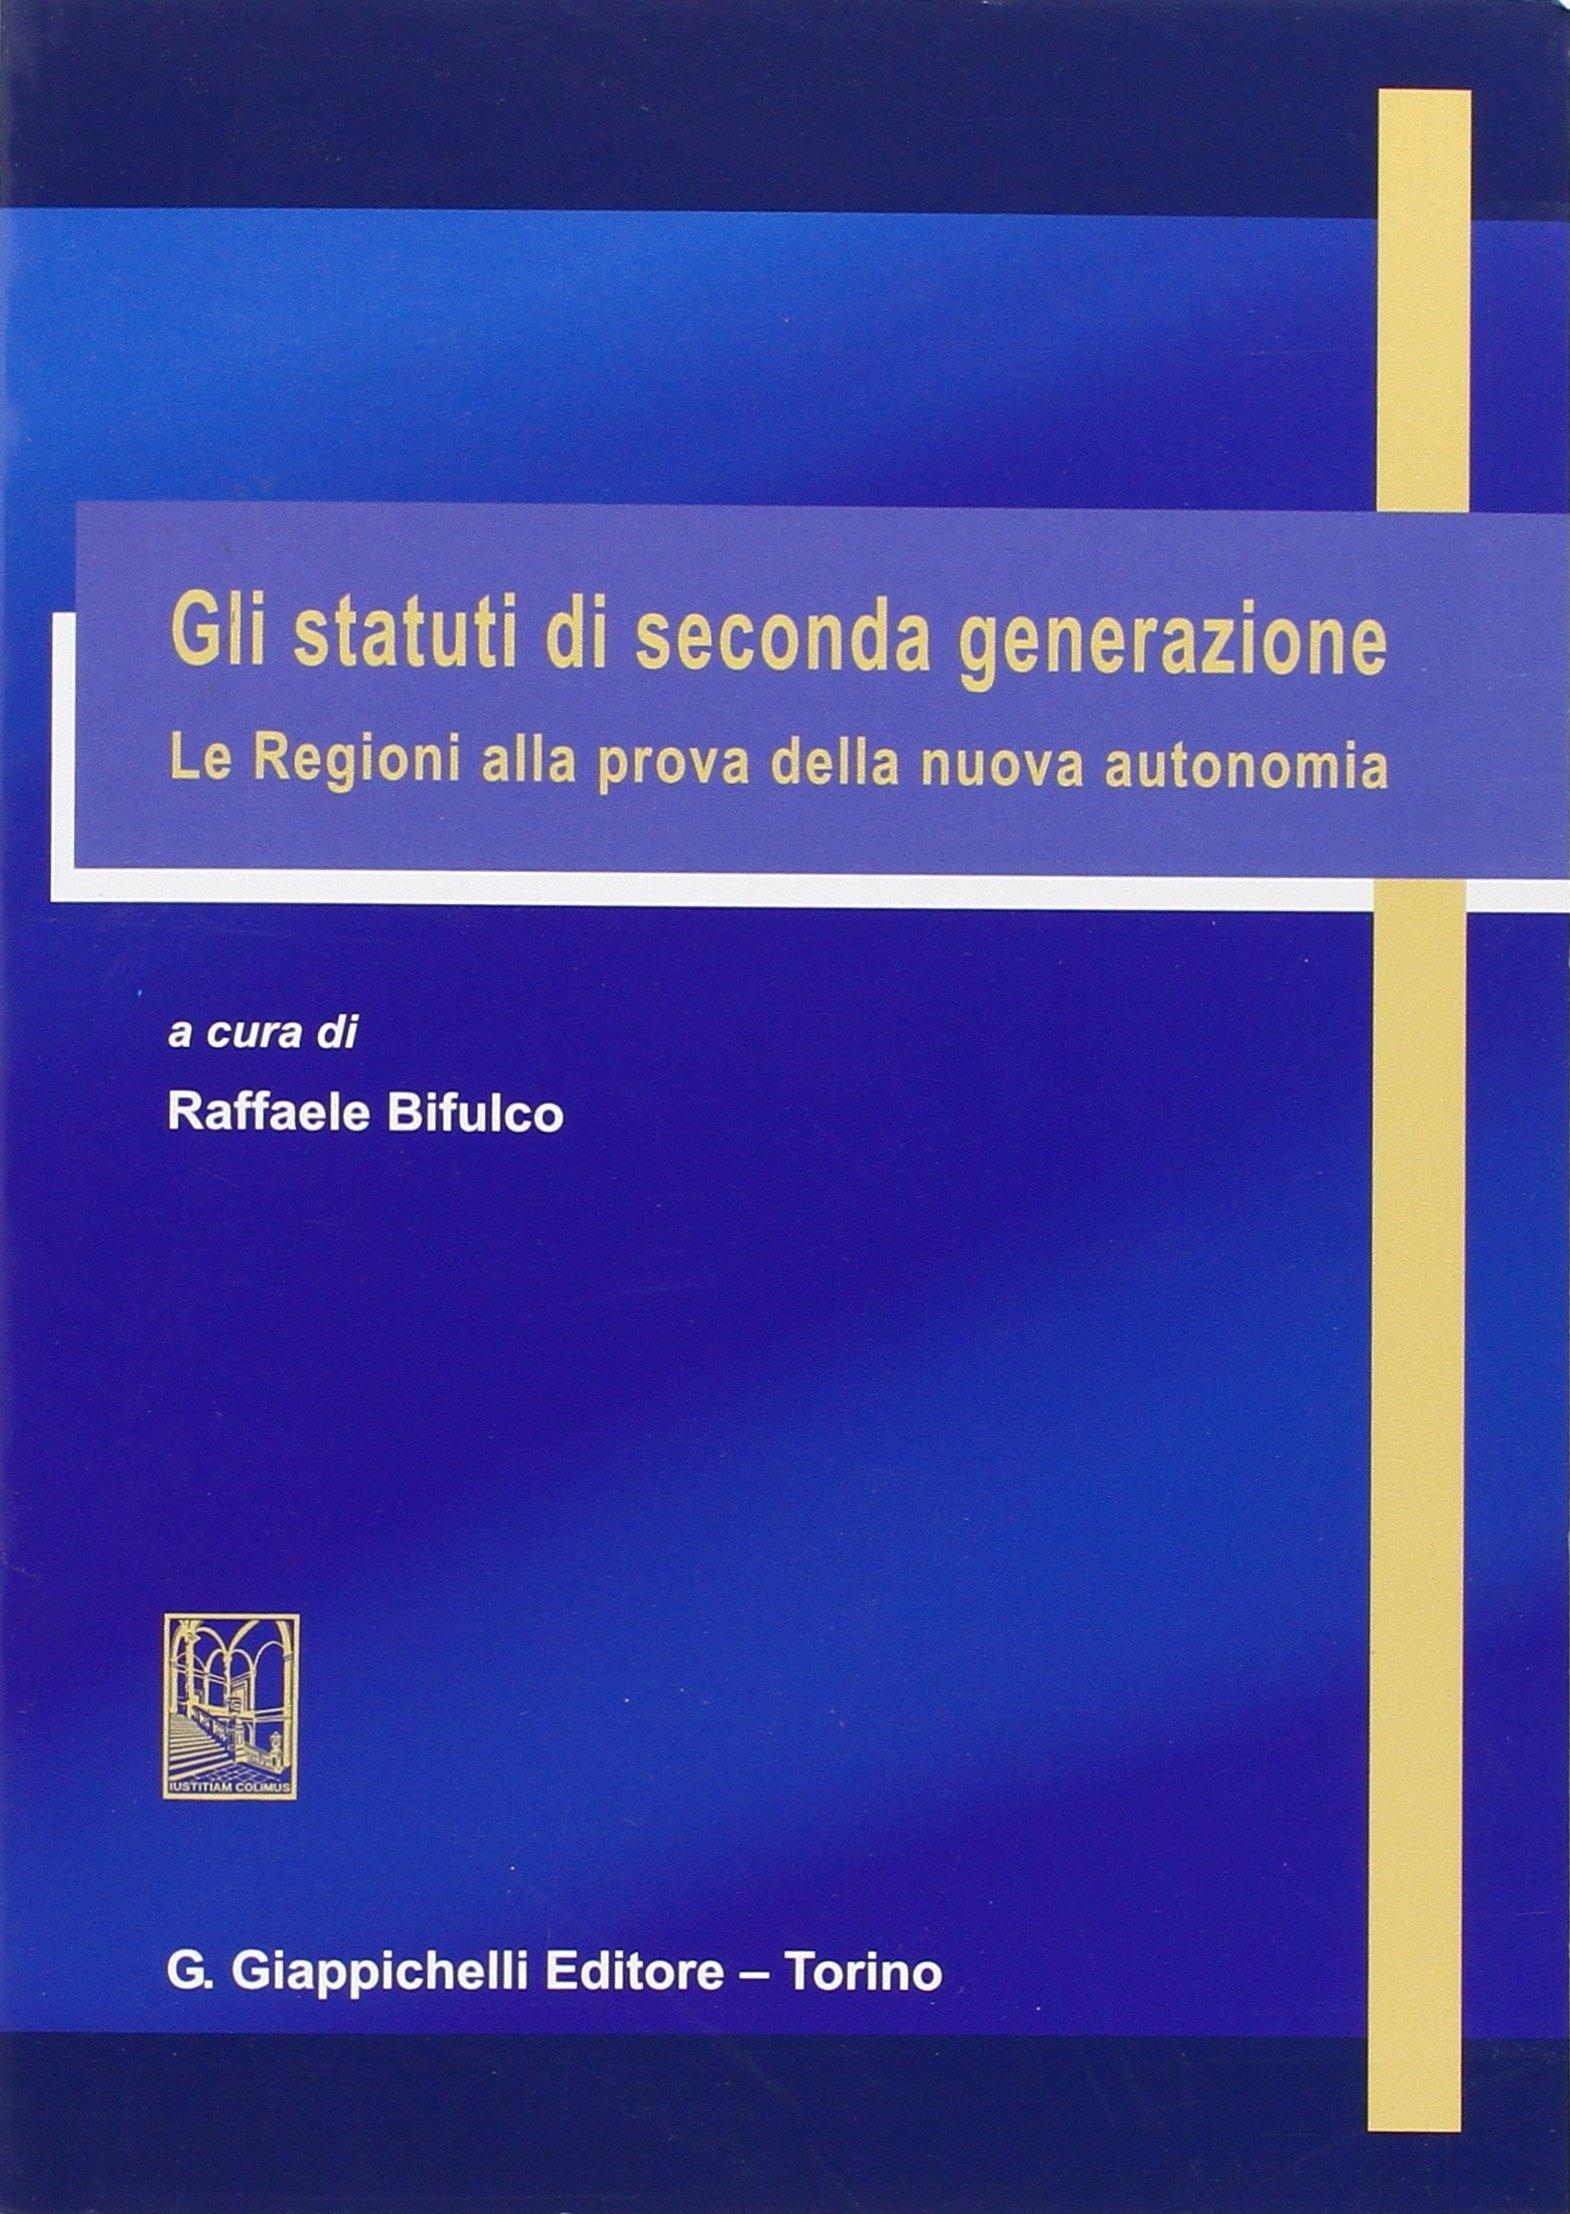 Gli statuti di seconda generazione. Le regioni alla prova della nuova autonomia